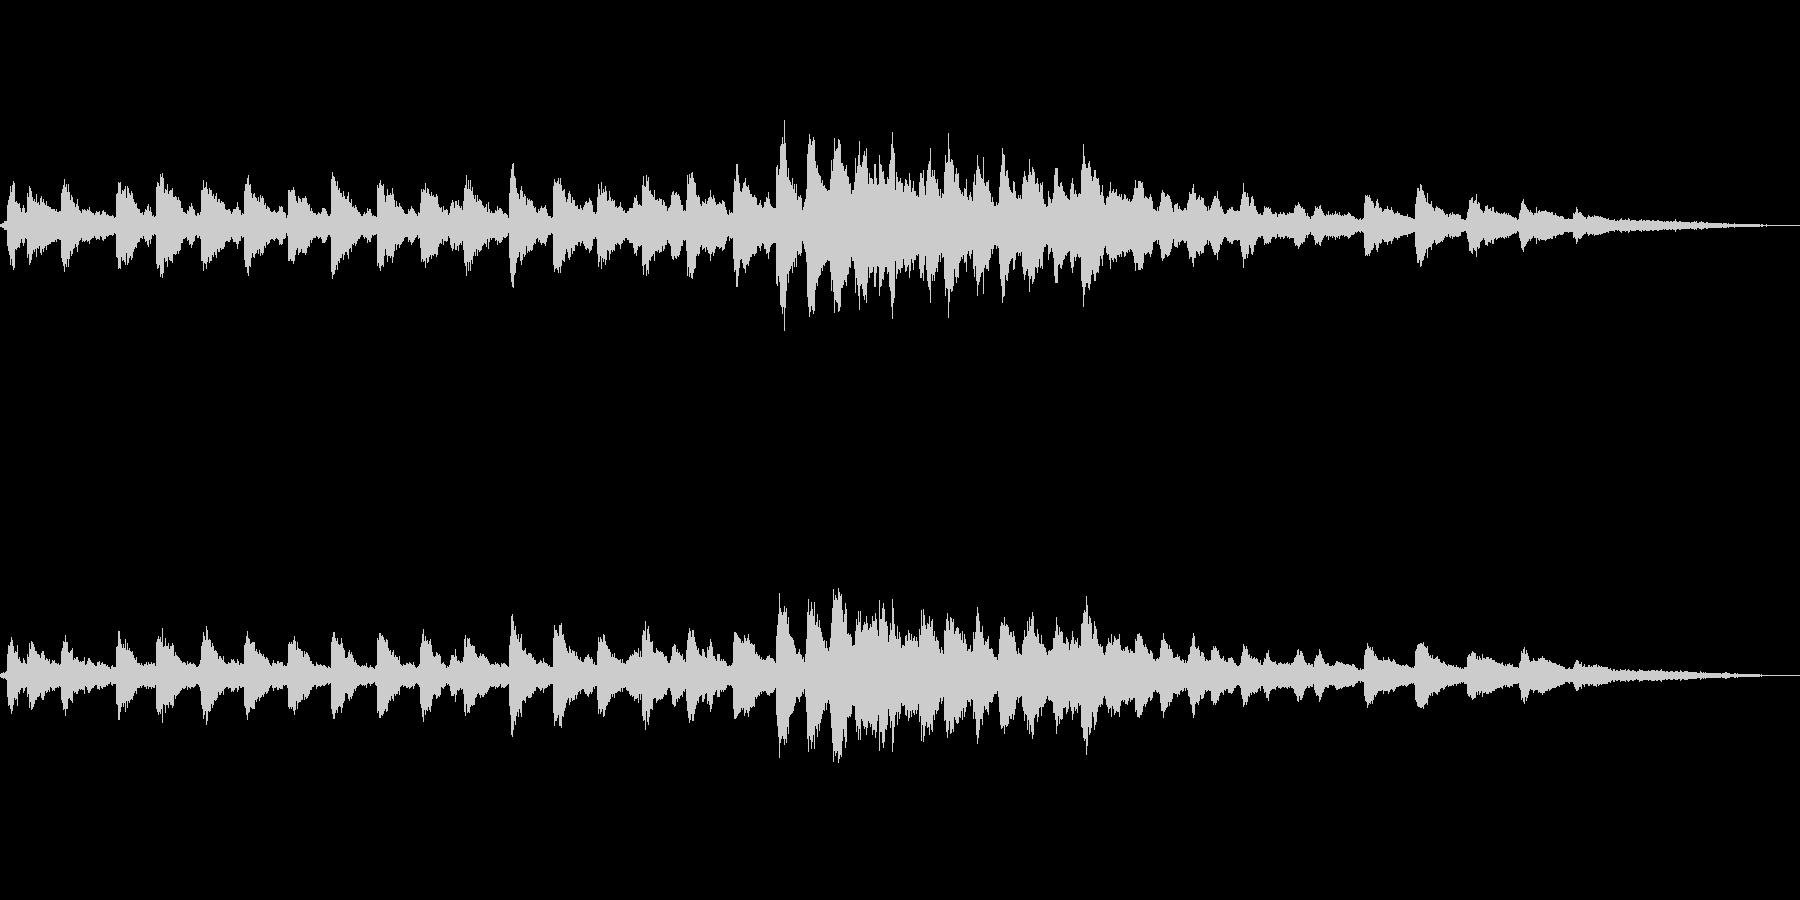 【環境音】教会の鐘01(バイノーラル録音の未再生の波形